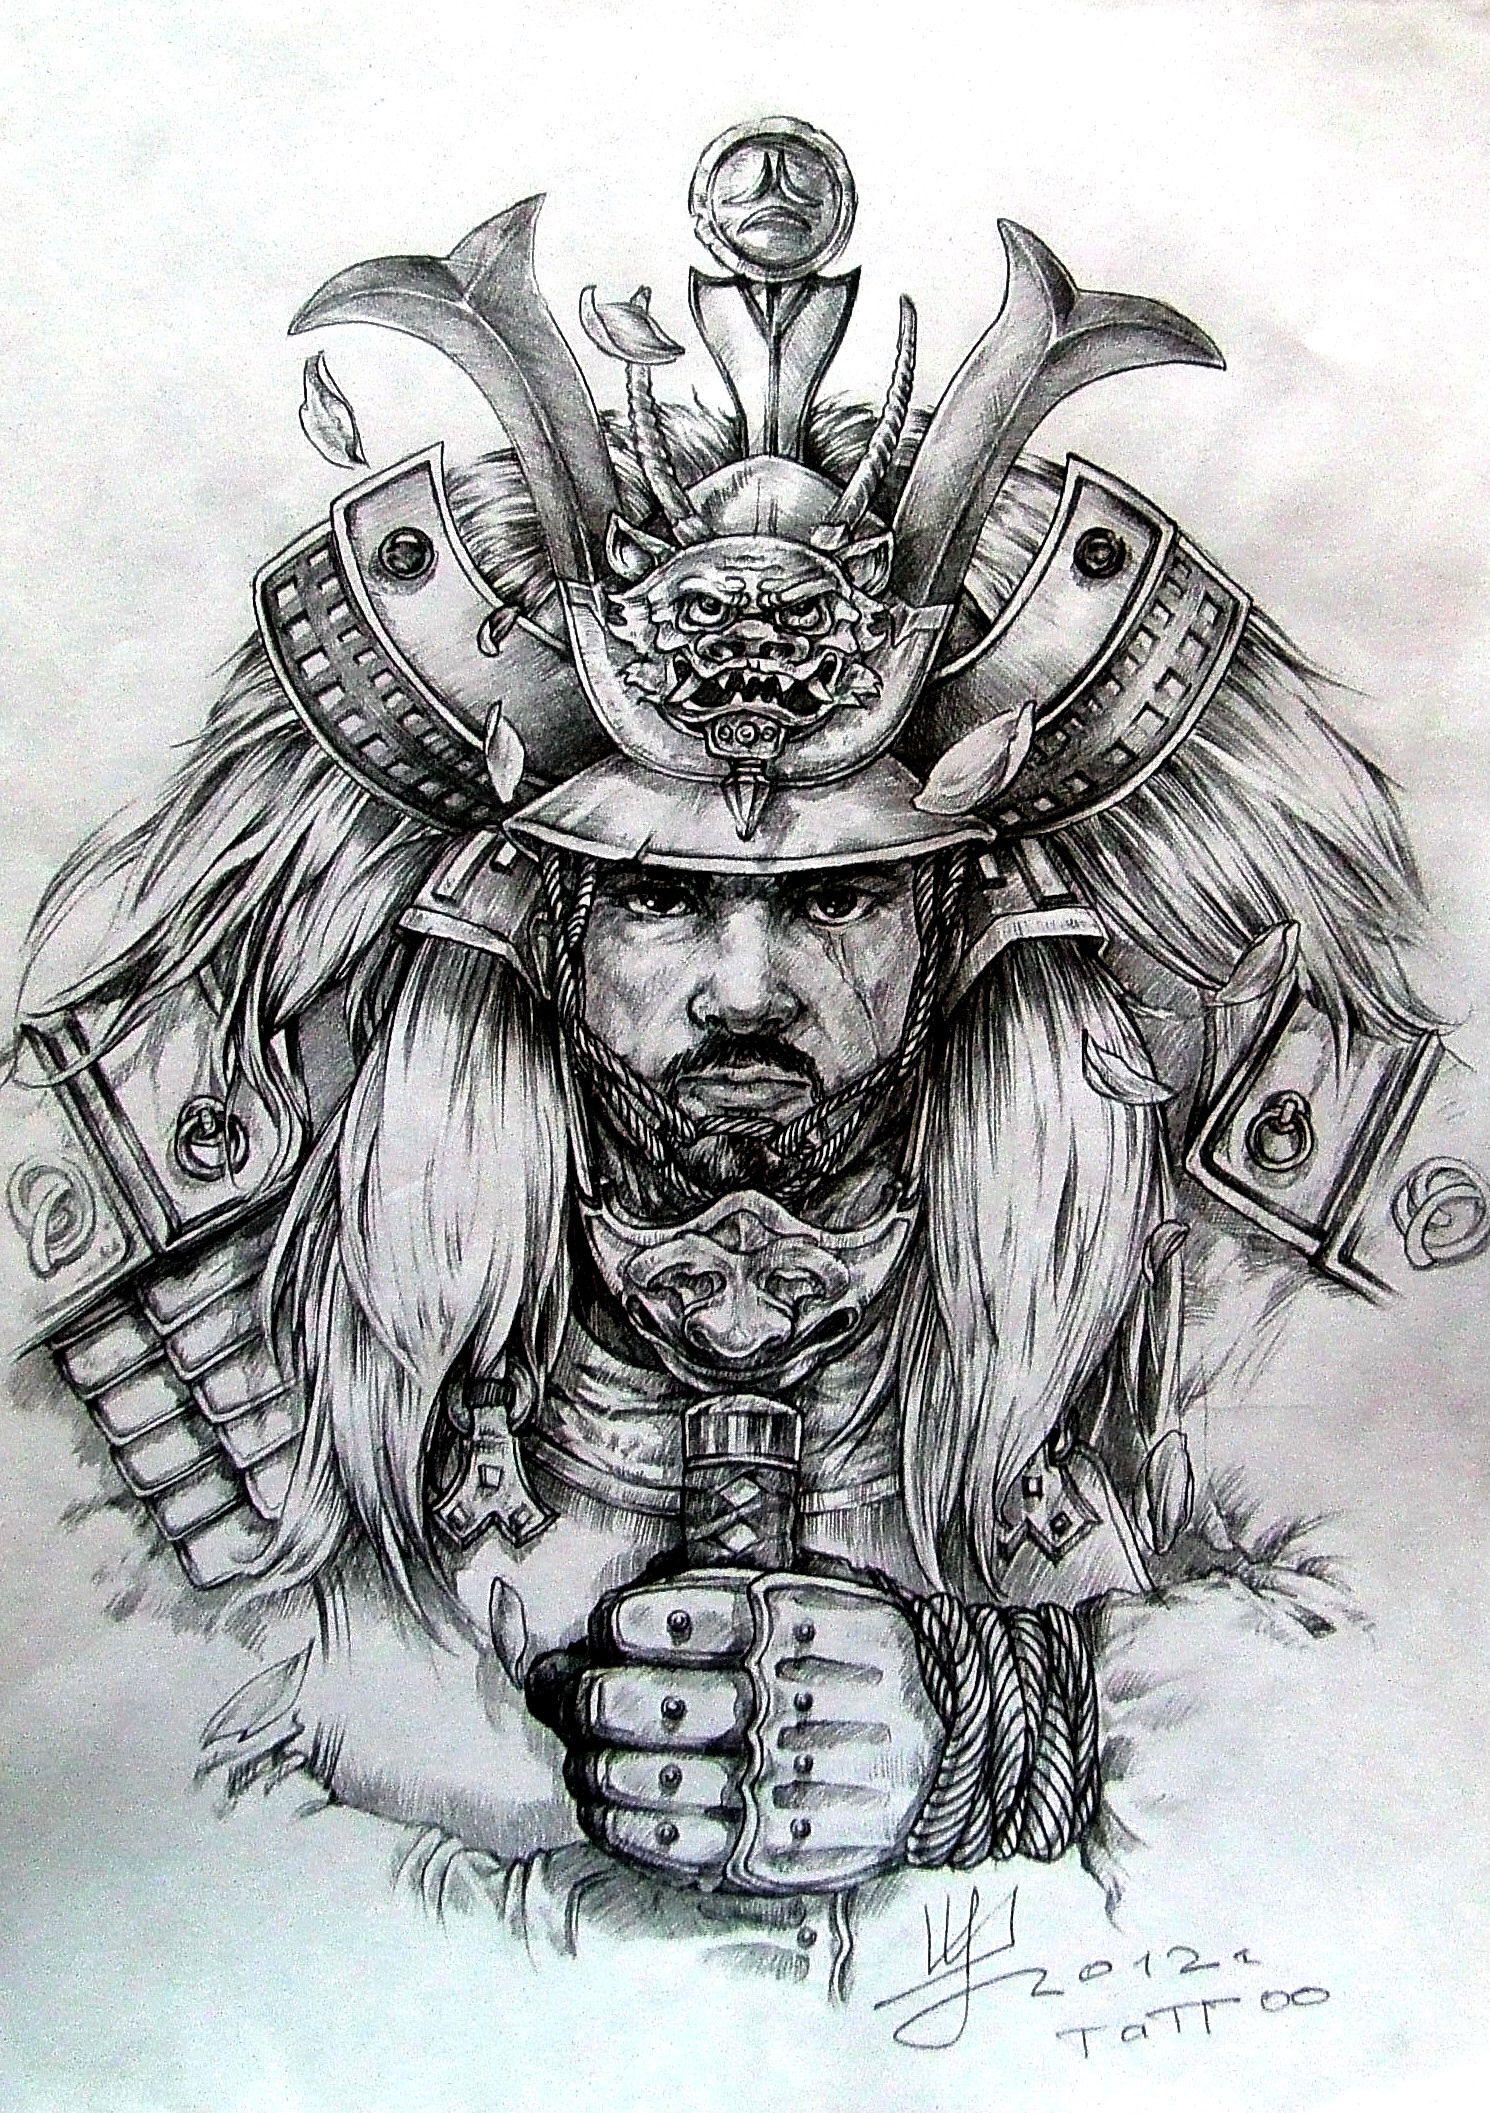 арт для тату самурай Art эскиз тату тату и самурай